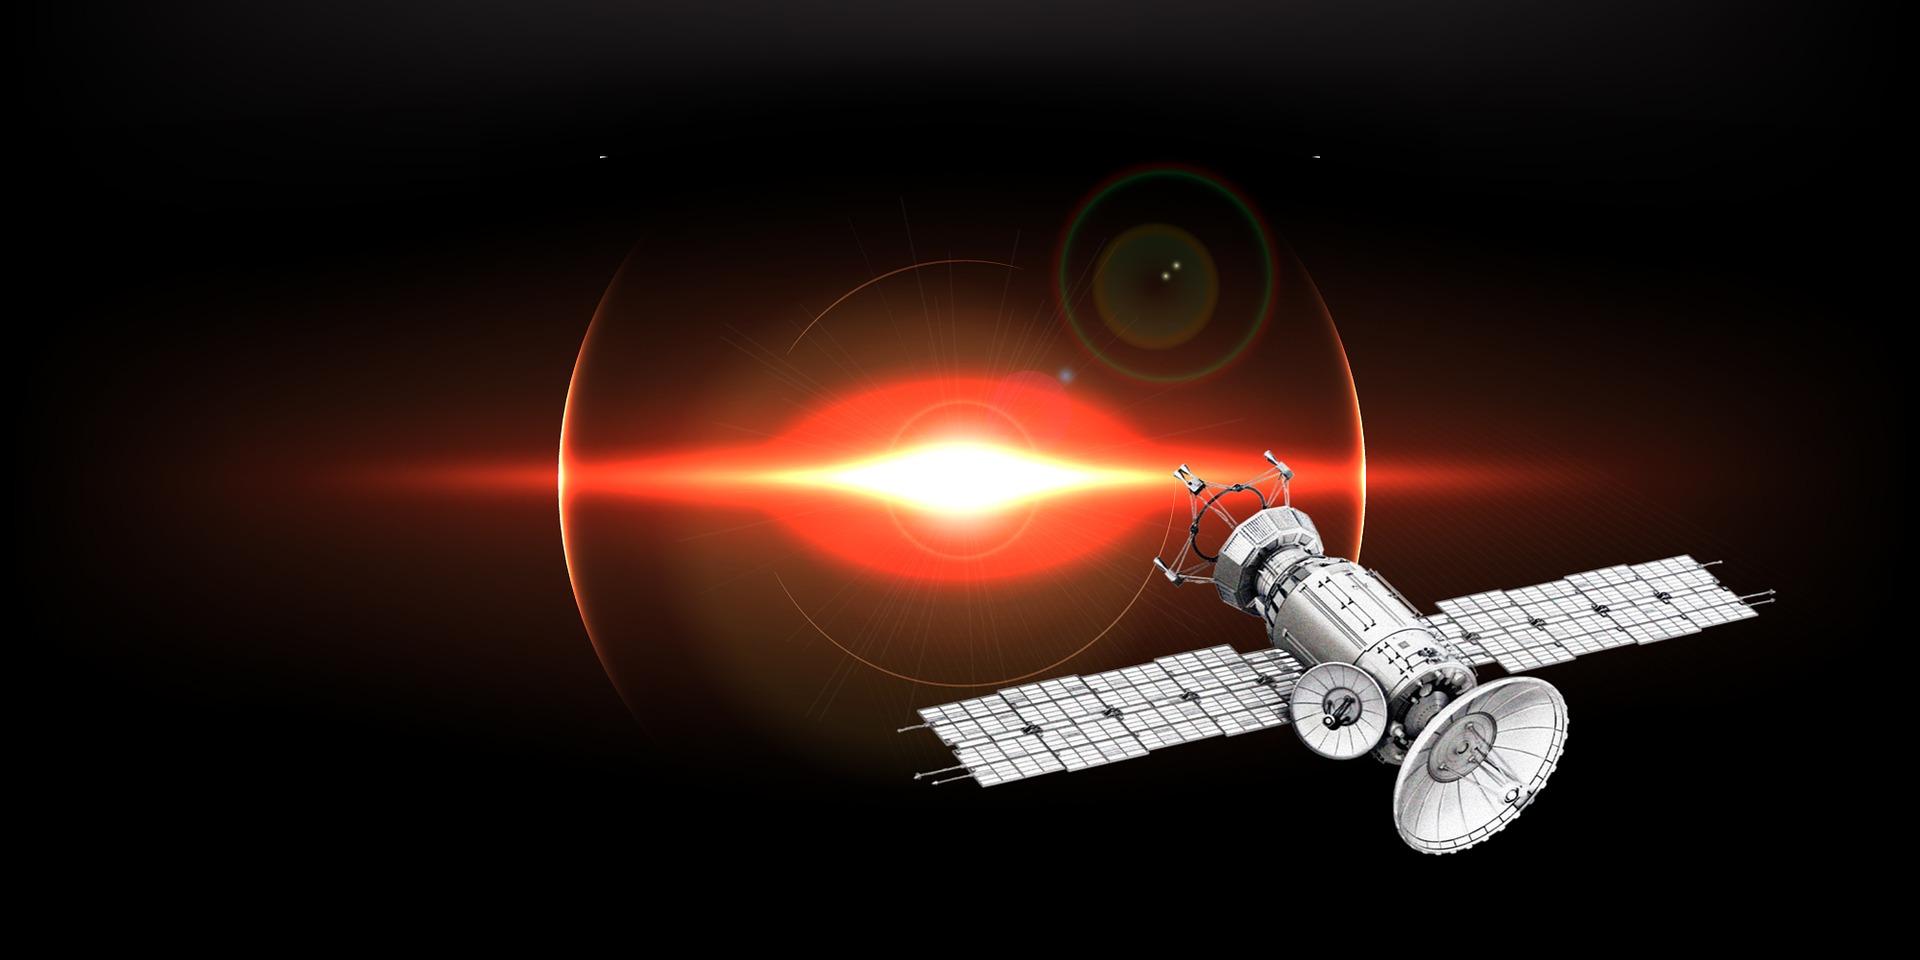 L'Européen Galileo compte un milliard d'utilisateurs